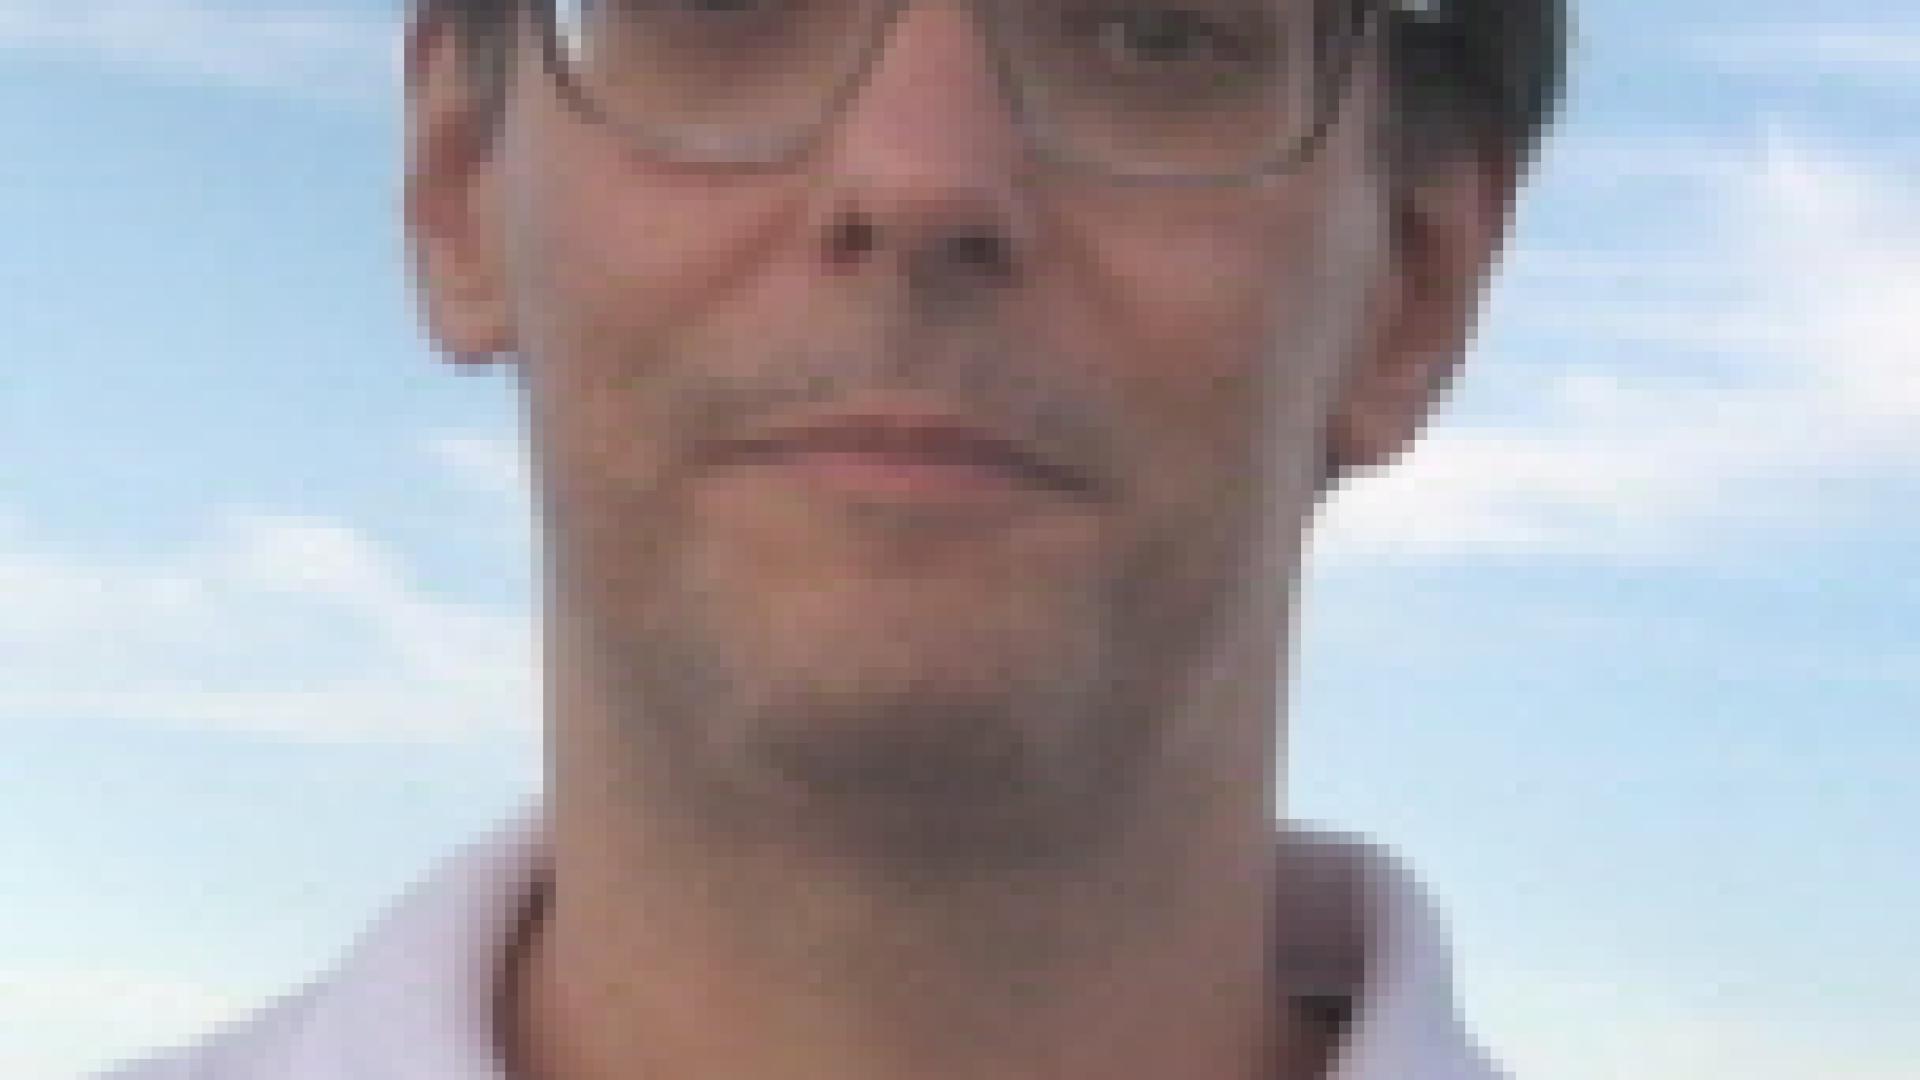 foto do professor Fábio, com fundo azul, homem branco, cabelos castanhos curtos e óculos